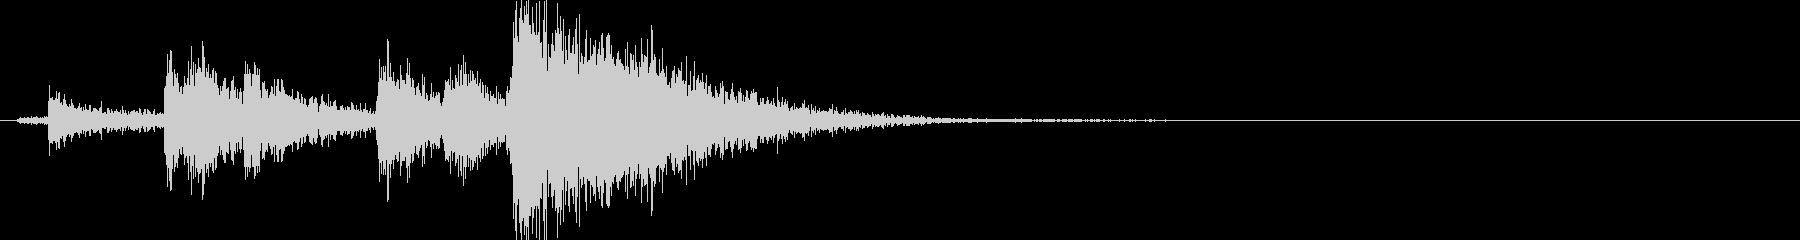 空の金属オイルドラム:転倒転落また...の未再生の波形